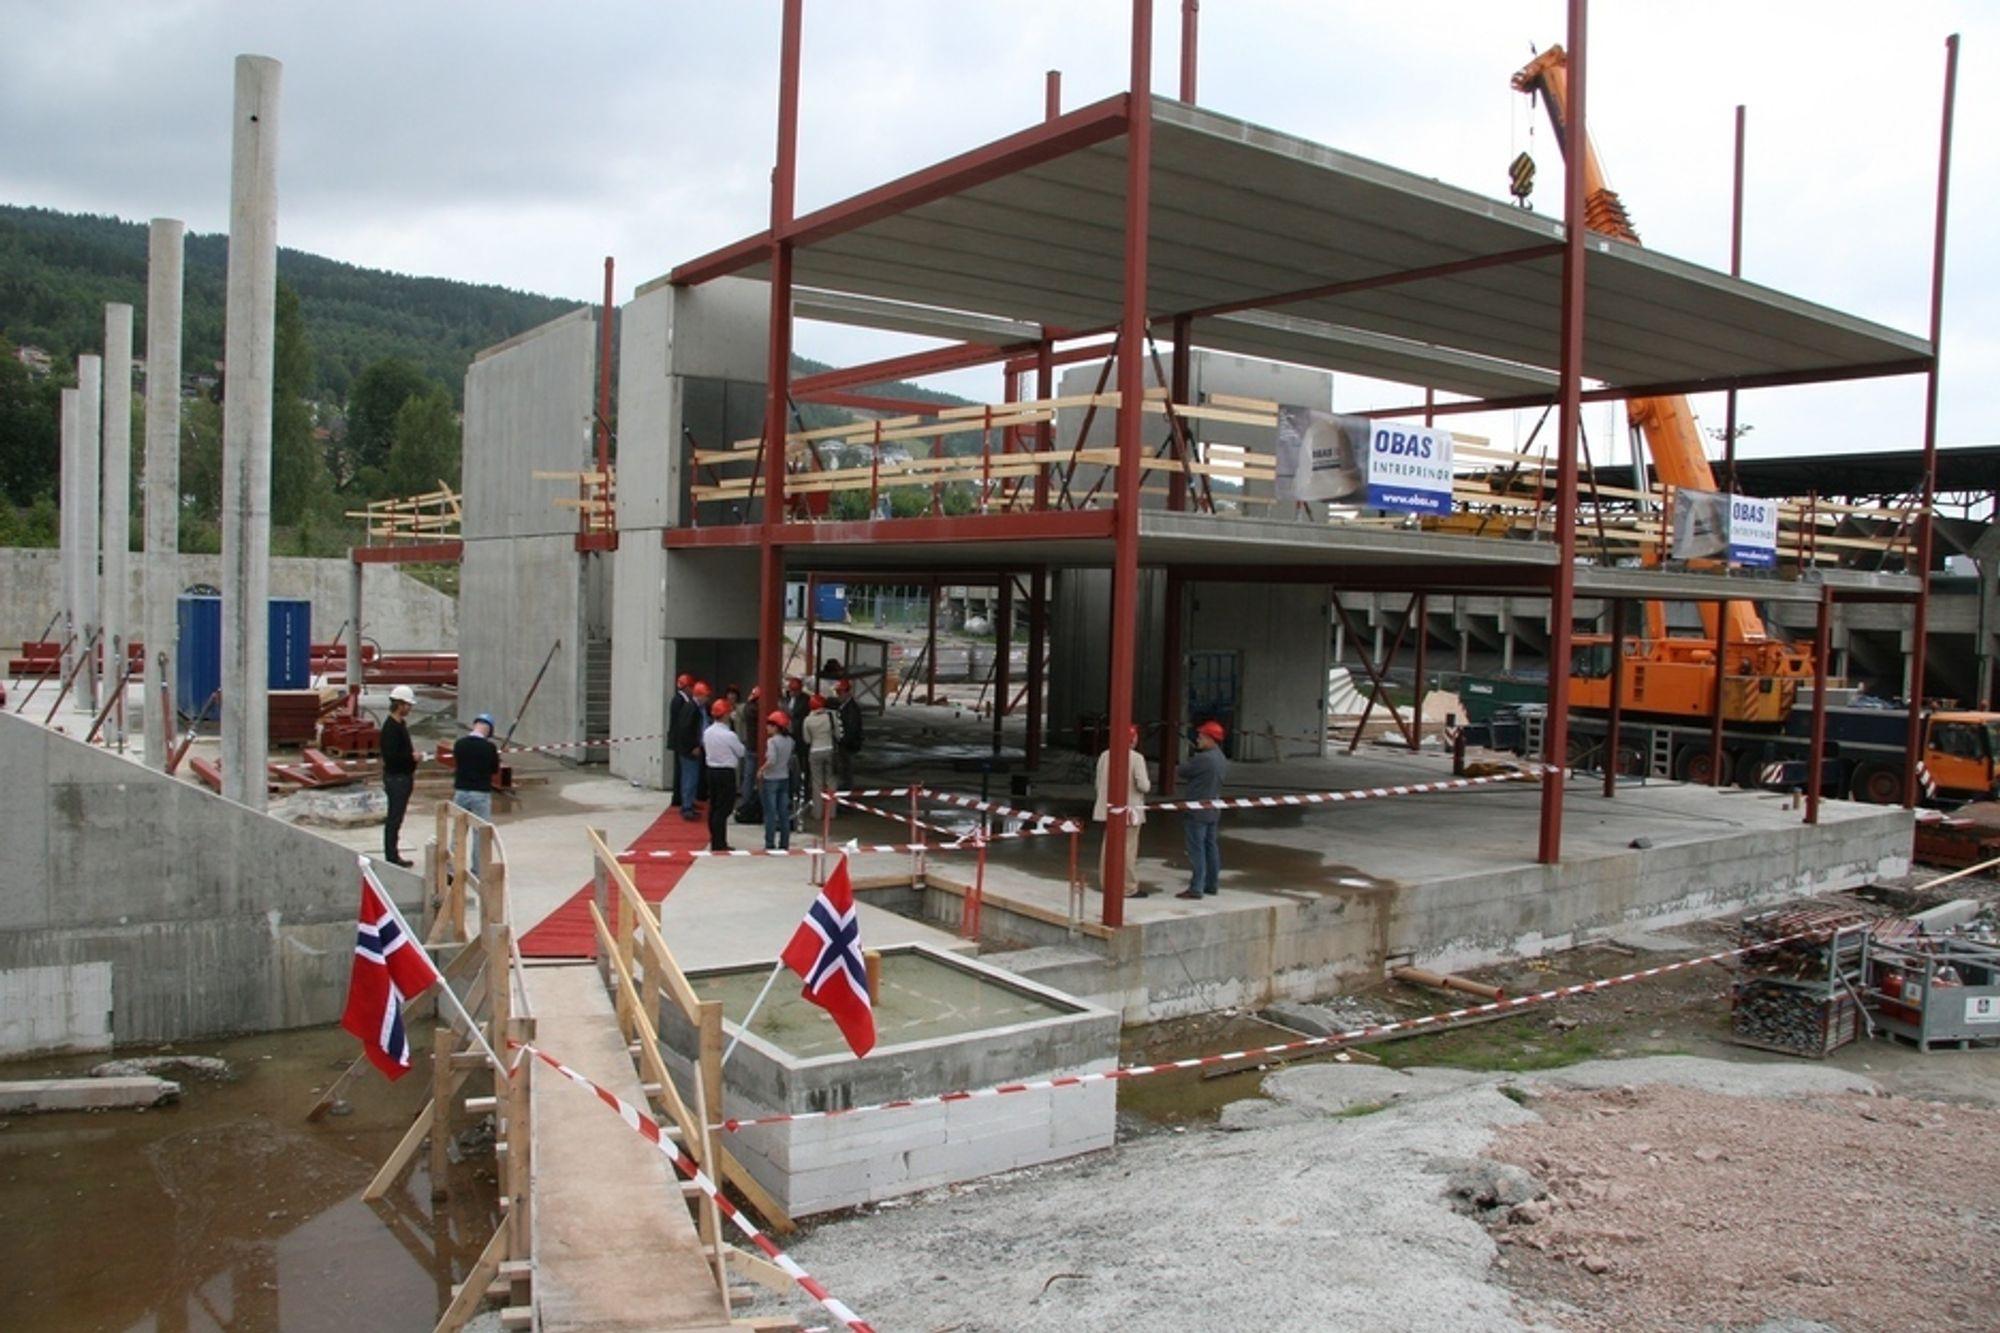 HØYE MÅL: Marienlyst skole skal være ferdig til skolestart i 2010, da skal energibruken ikke overstige 75 kWh/m2/år.